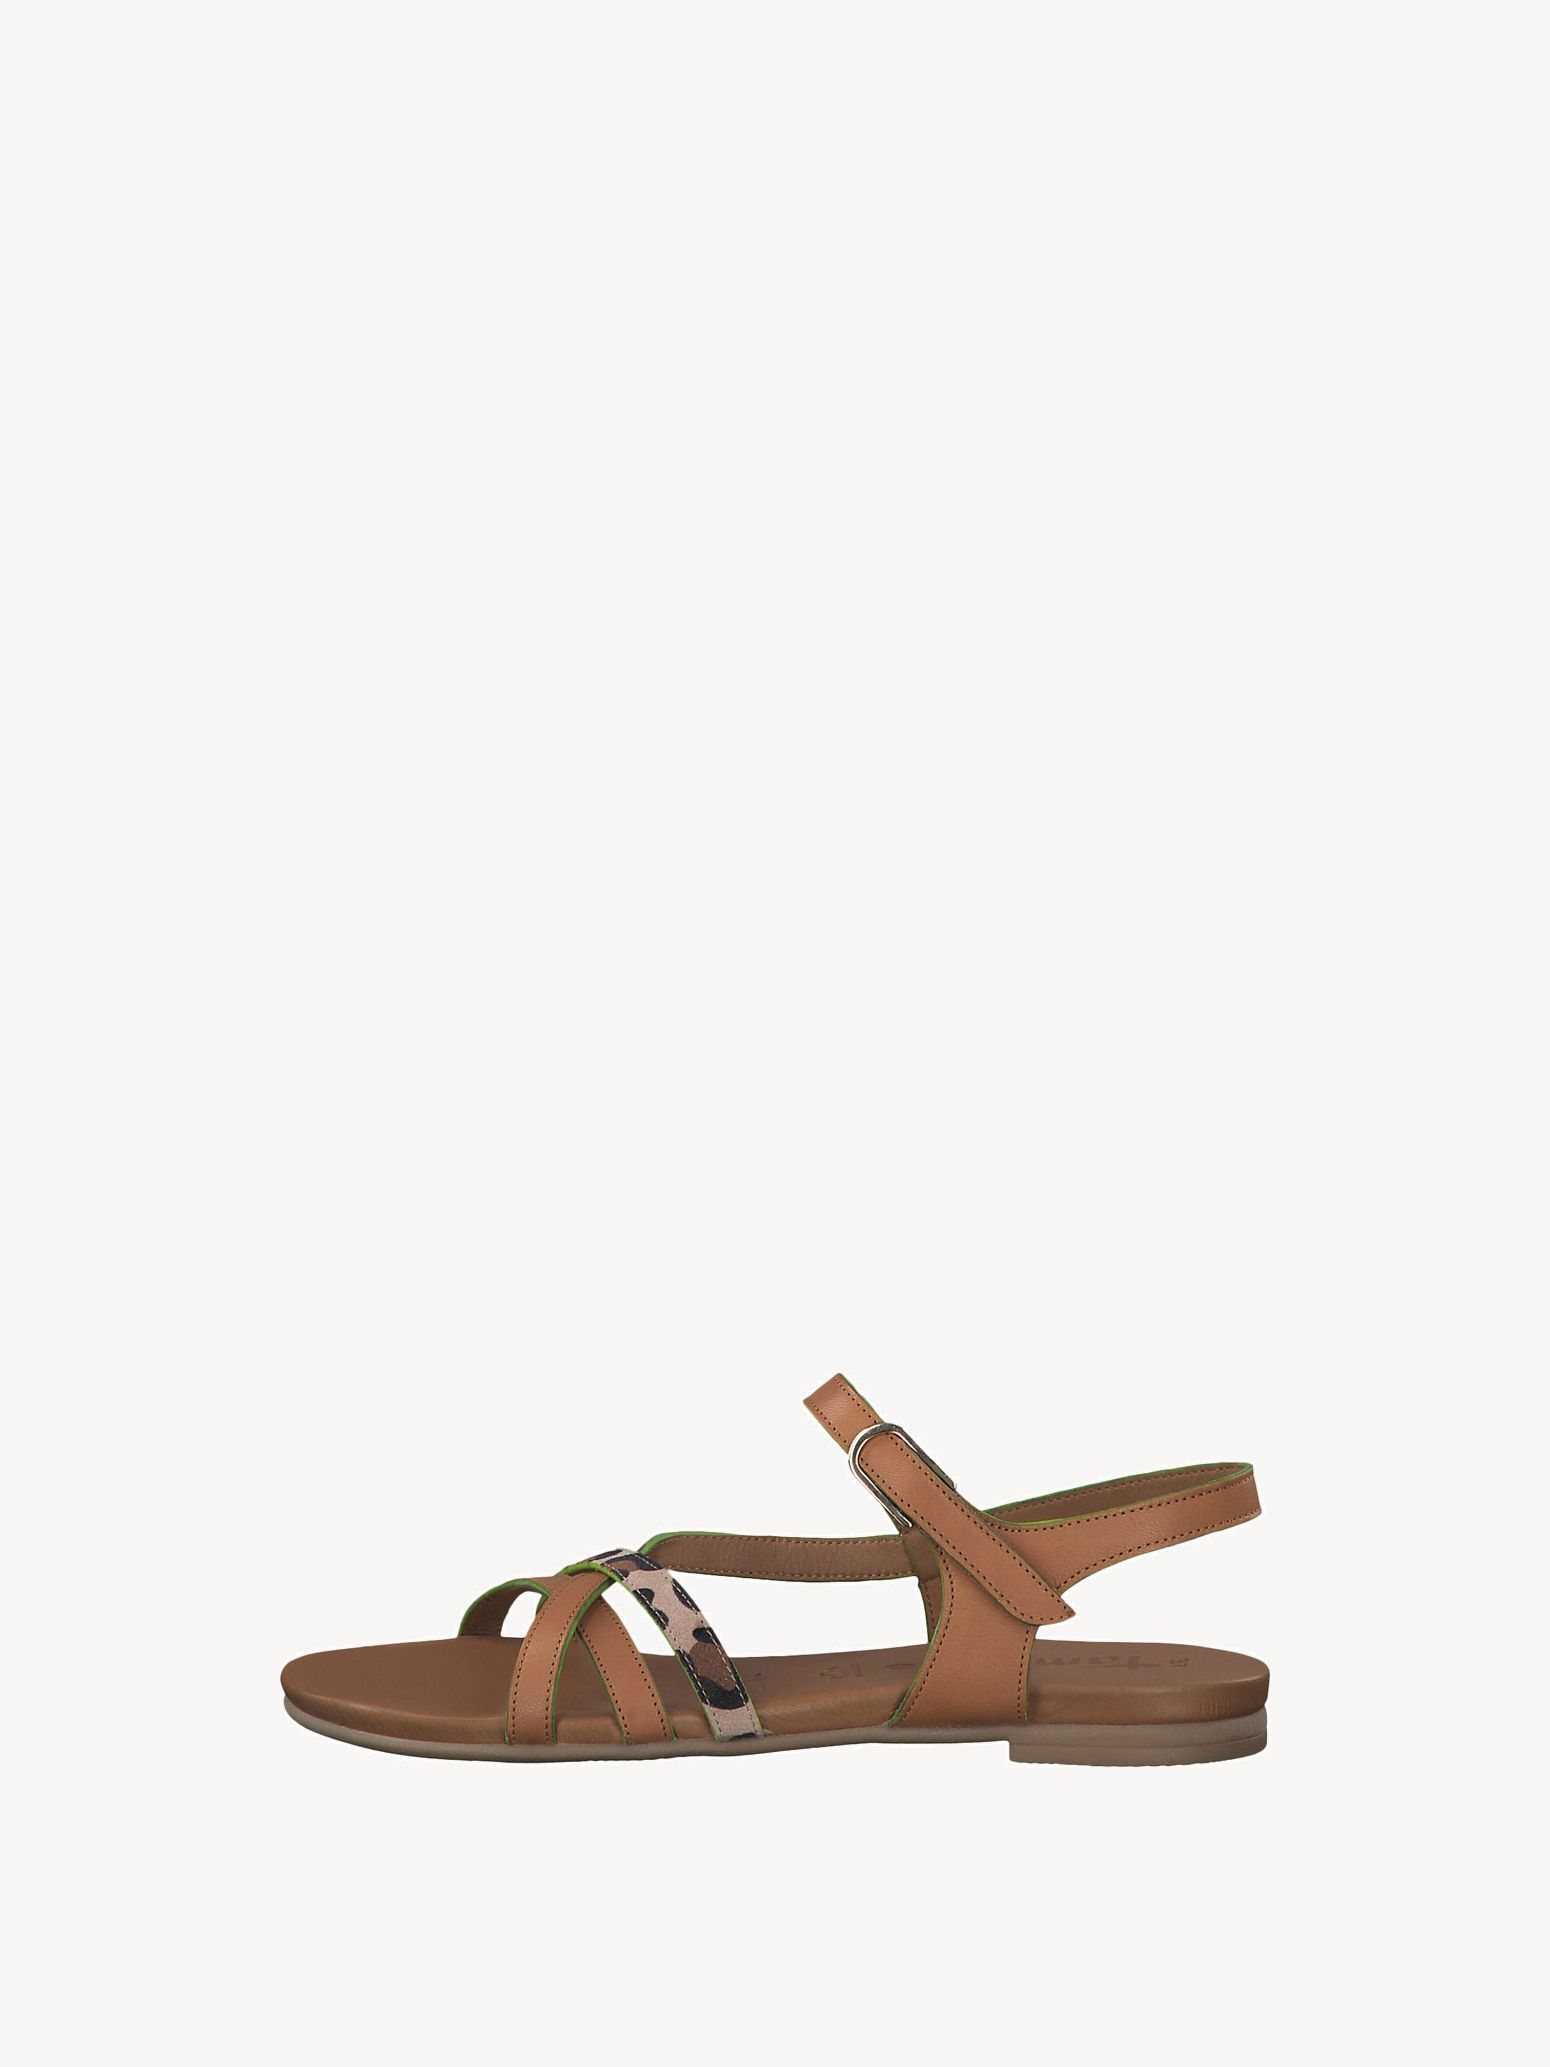 WORTMANN TAMARIS Damenschuhe Sandalen Größe 37